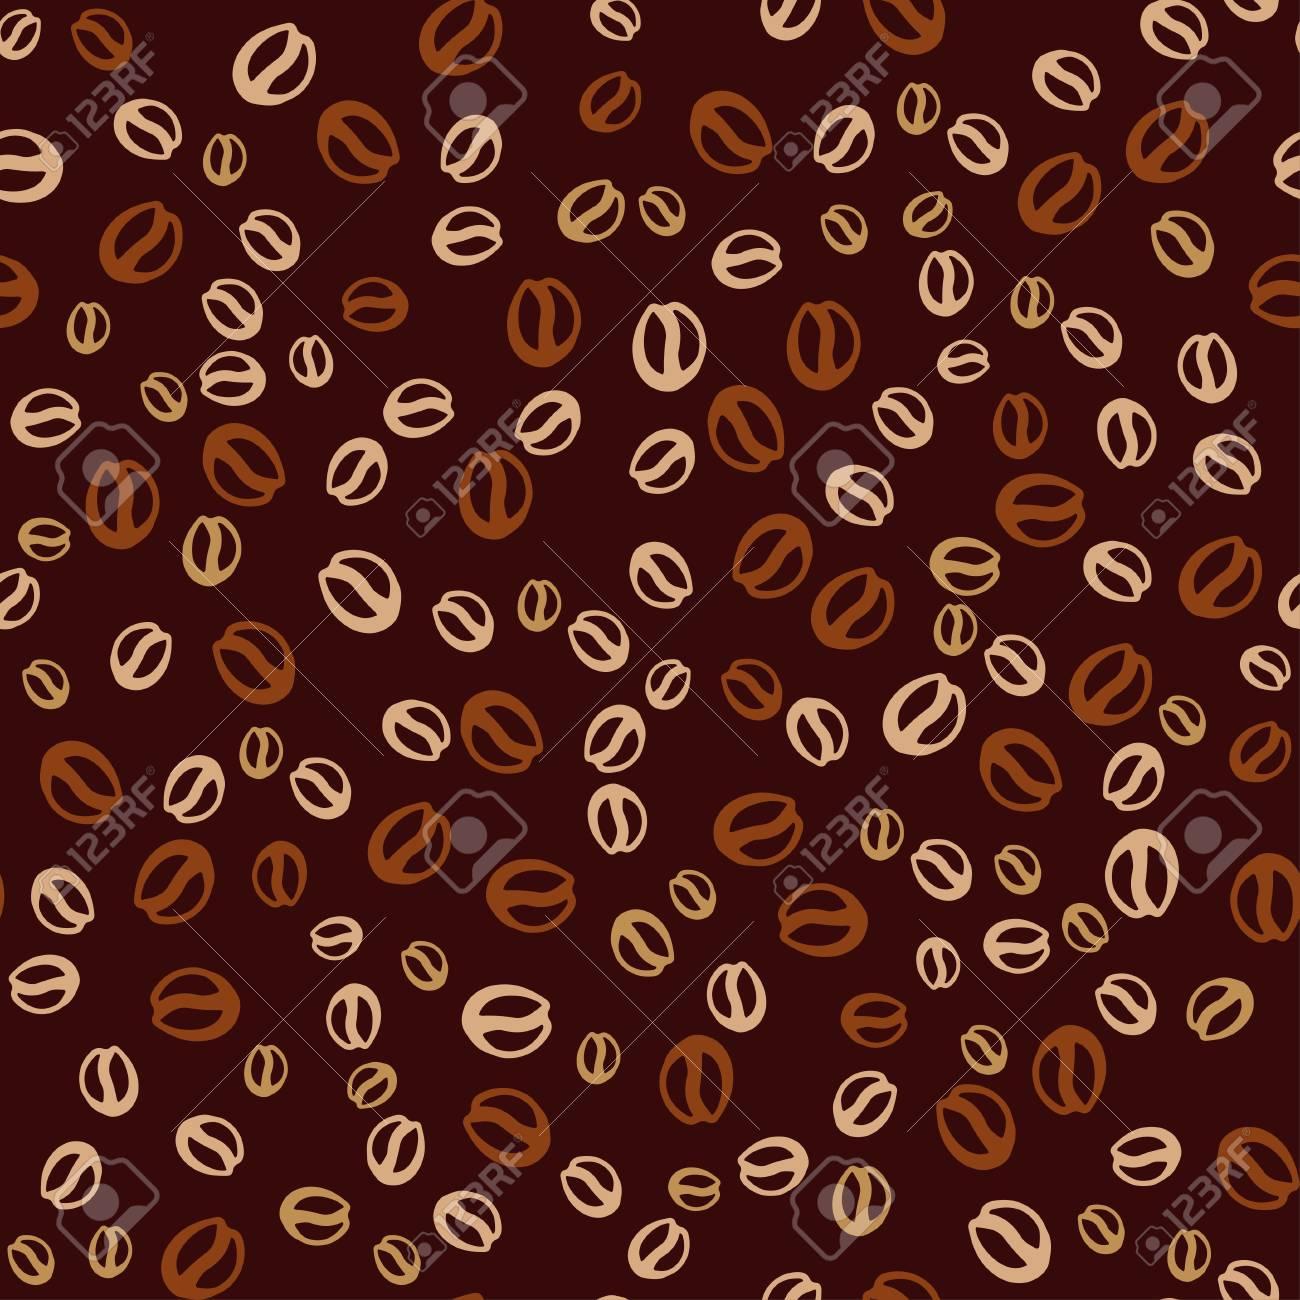 コーヒー豆とベクトルの背景 コーヒーの印刷のシームレス パターン